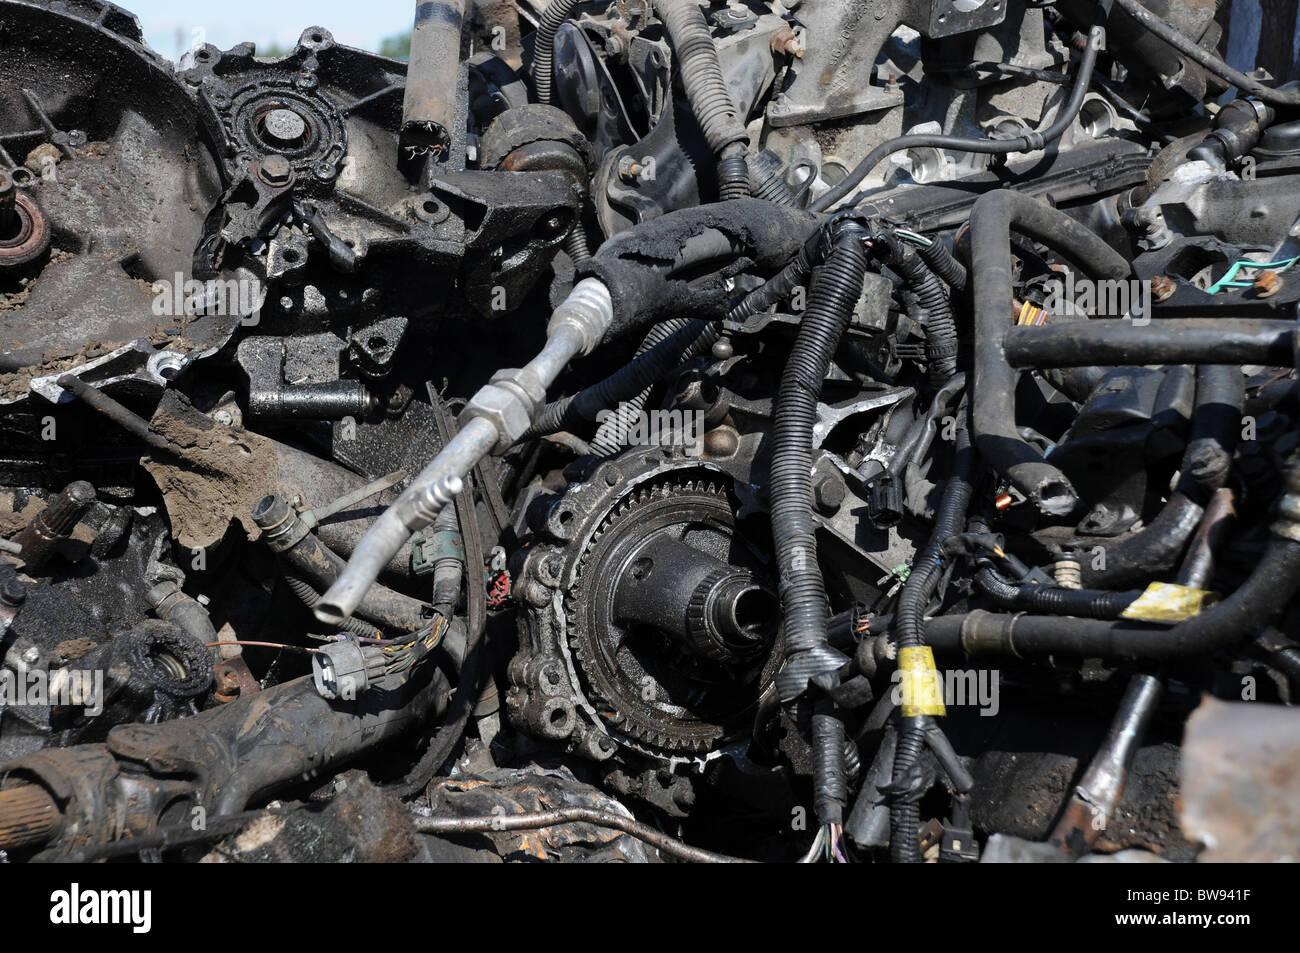 Metal Car Parts Stockfotos & Metal Car Parts Bilder - Alamy